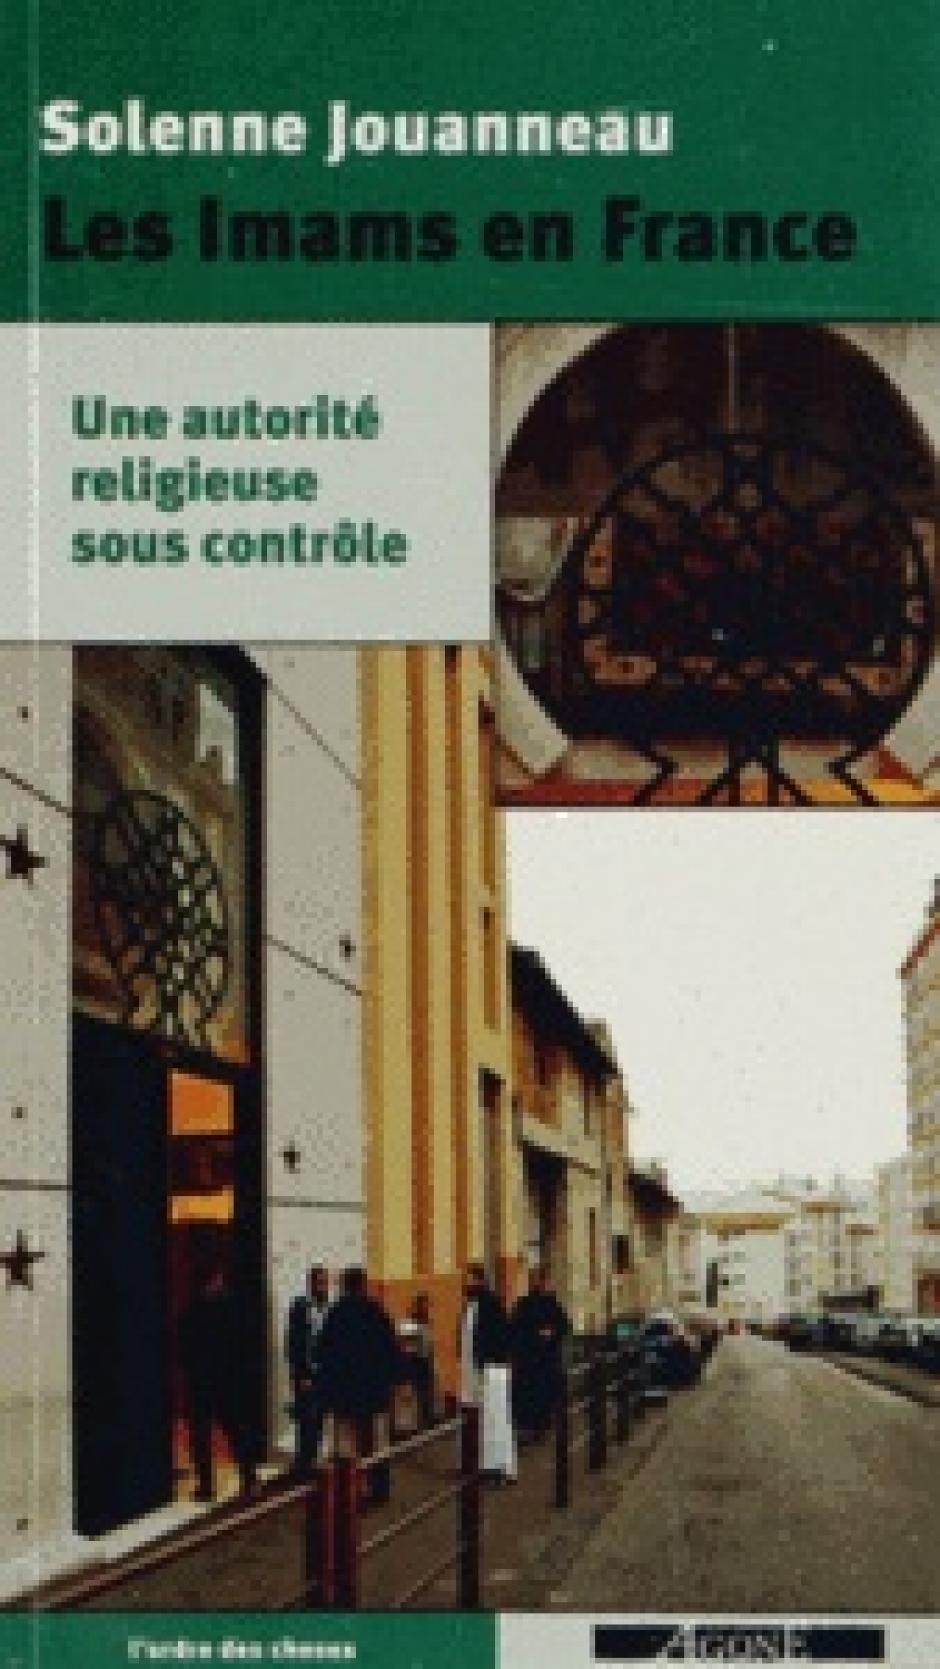 Les imams de France. Une autorité religieuse sous contrôle